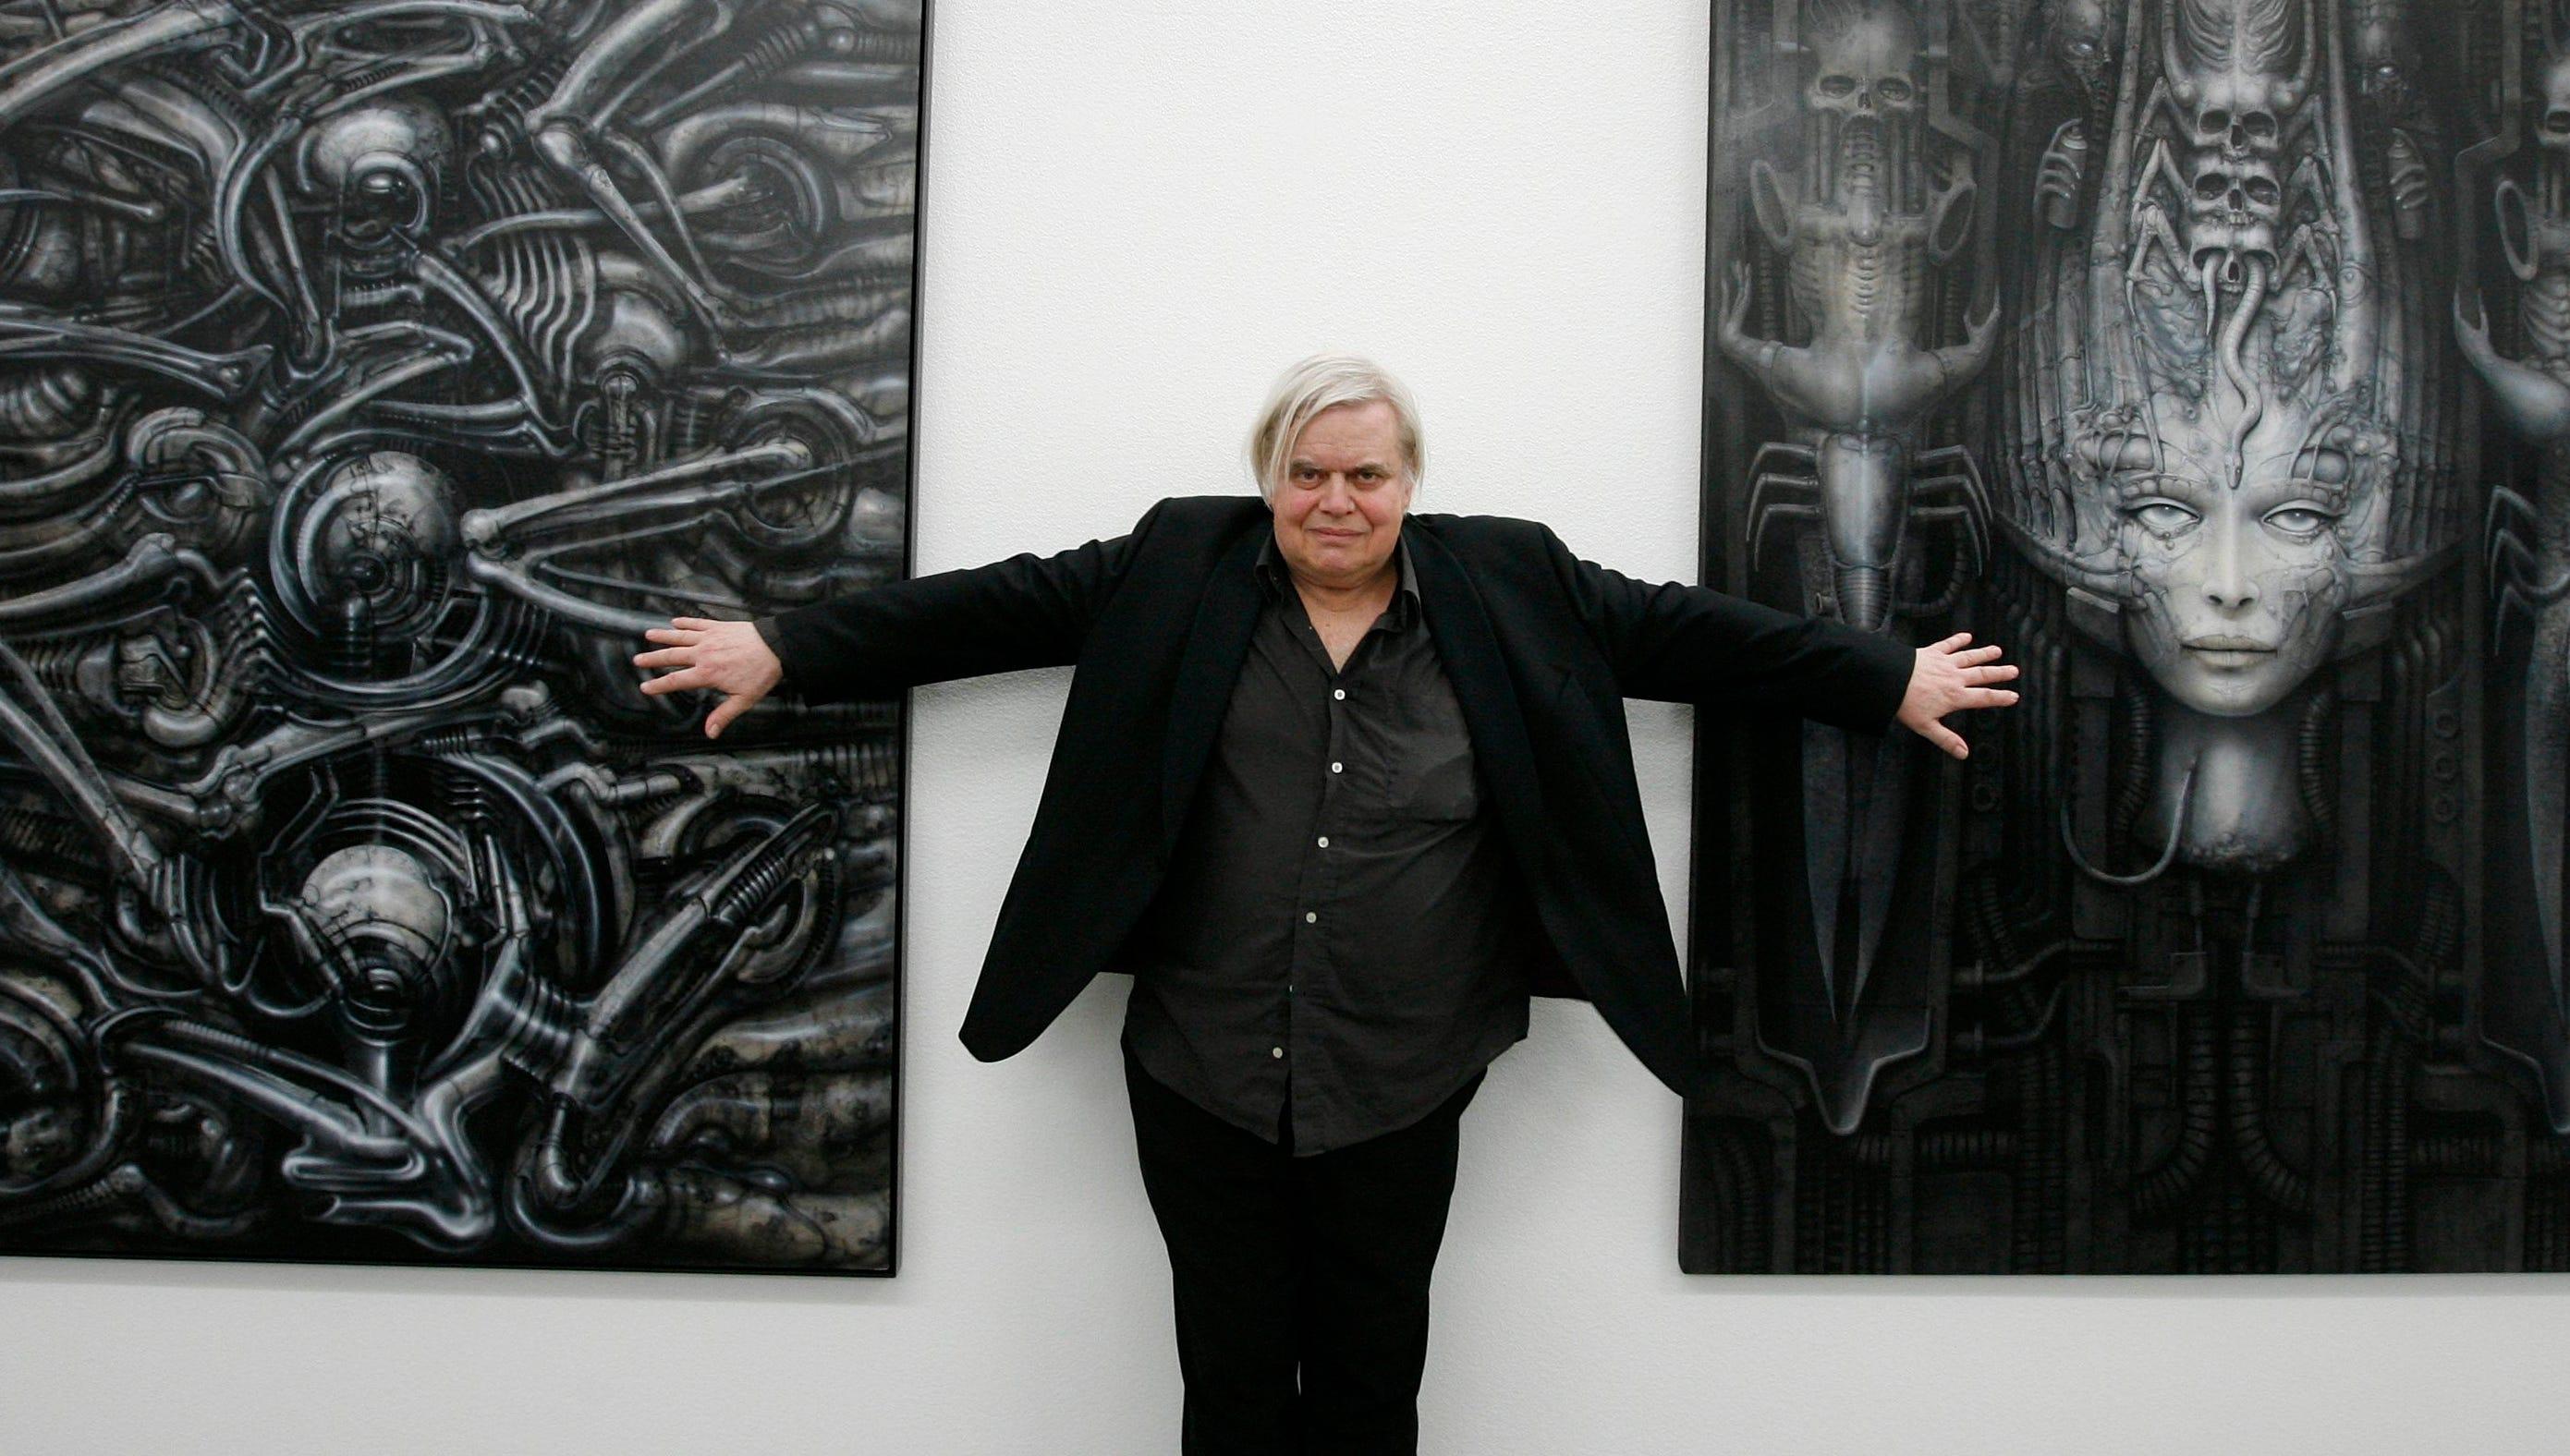 Alien' artist H.R. Giger dies at 74